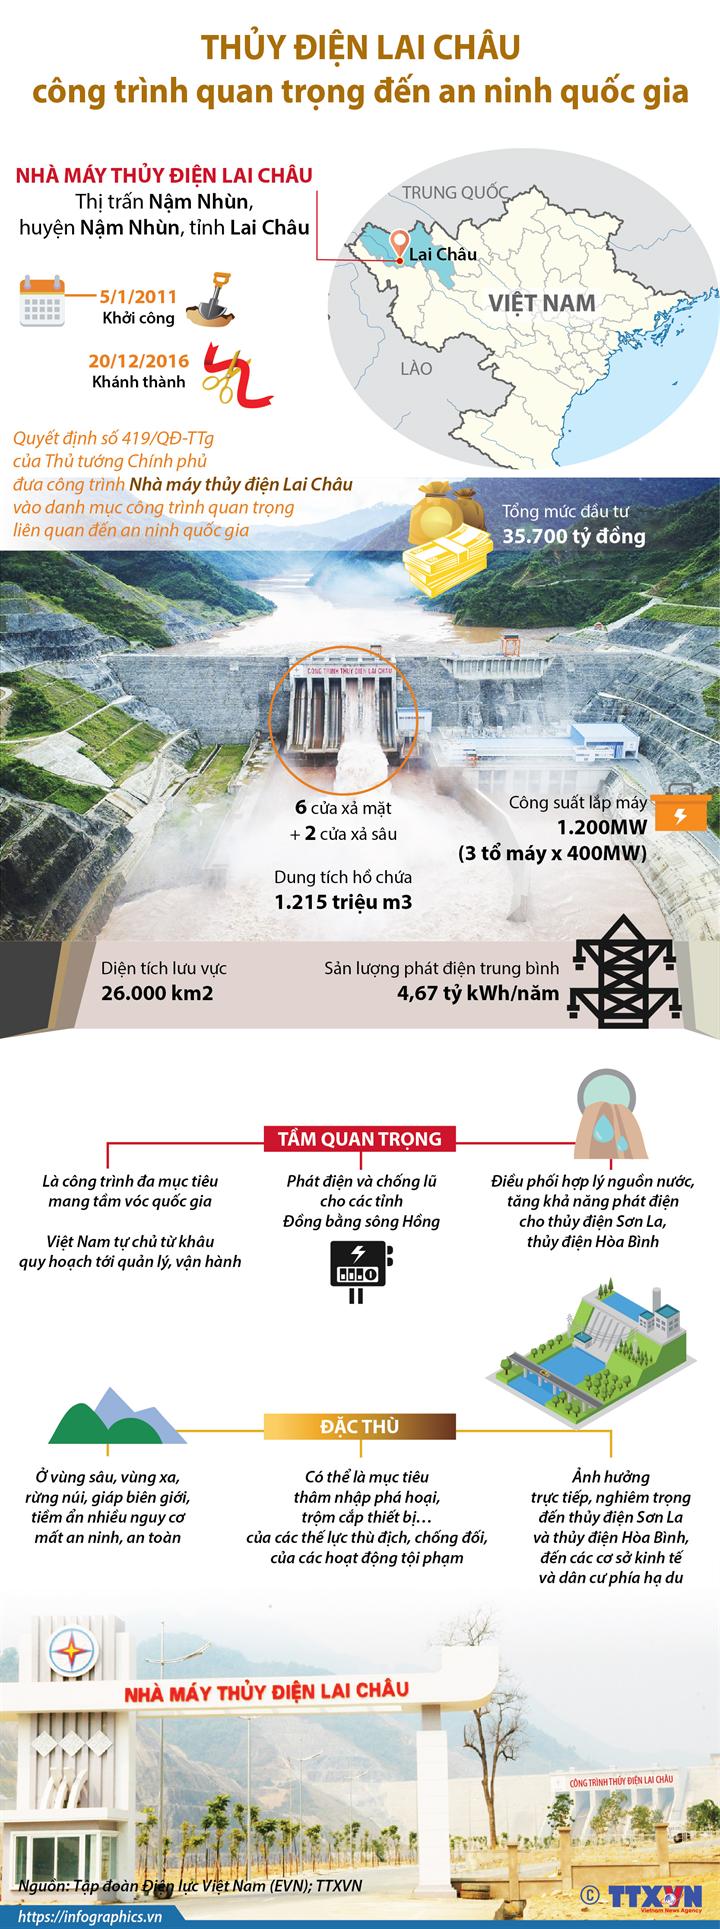 Thủy điện Lai Châu là công trình quan trọng đến an ninh